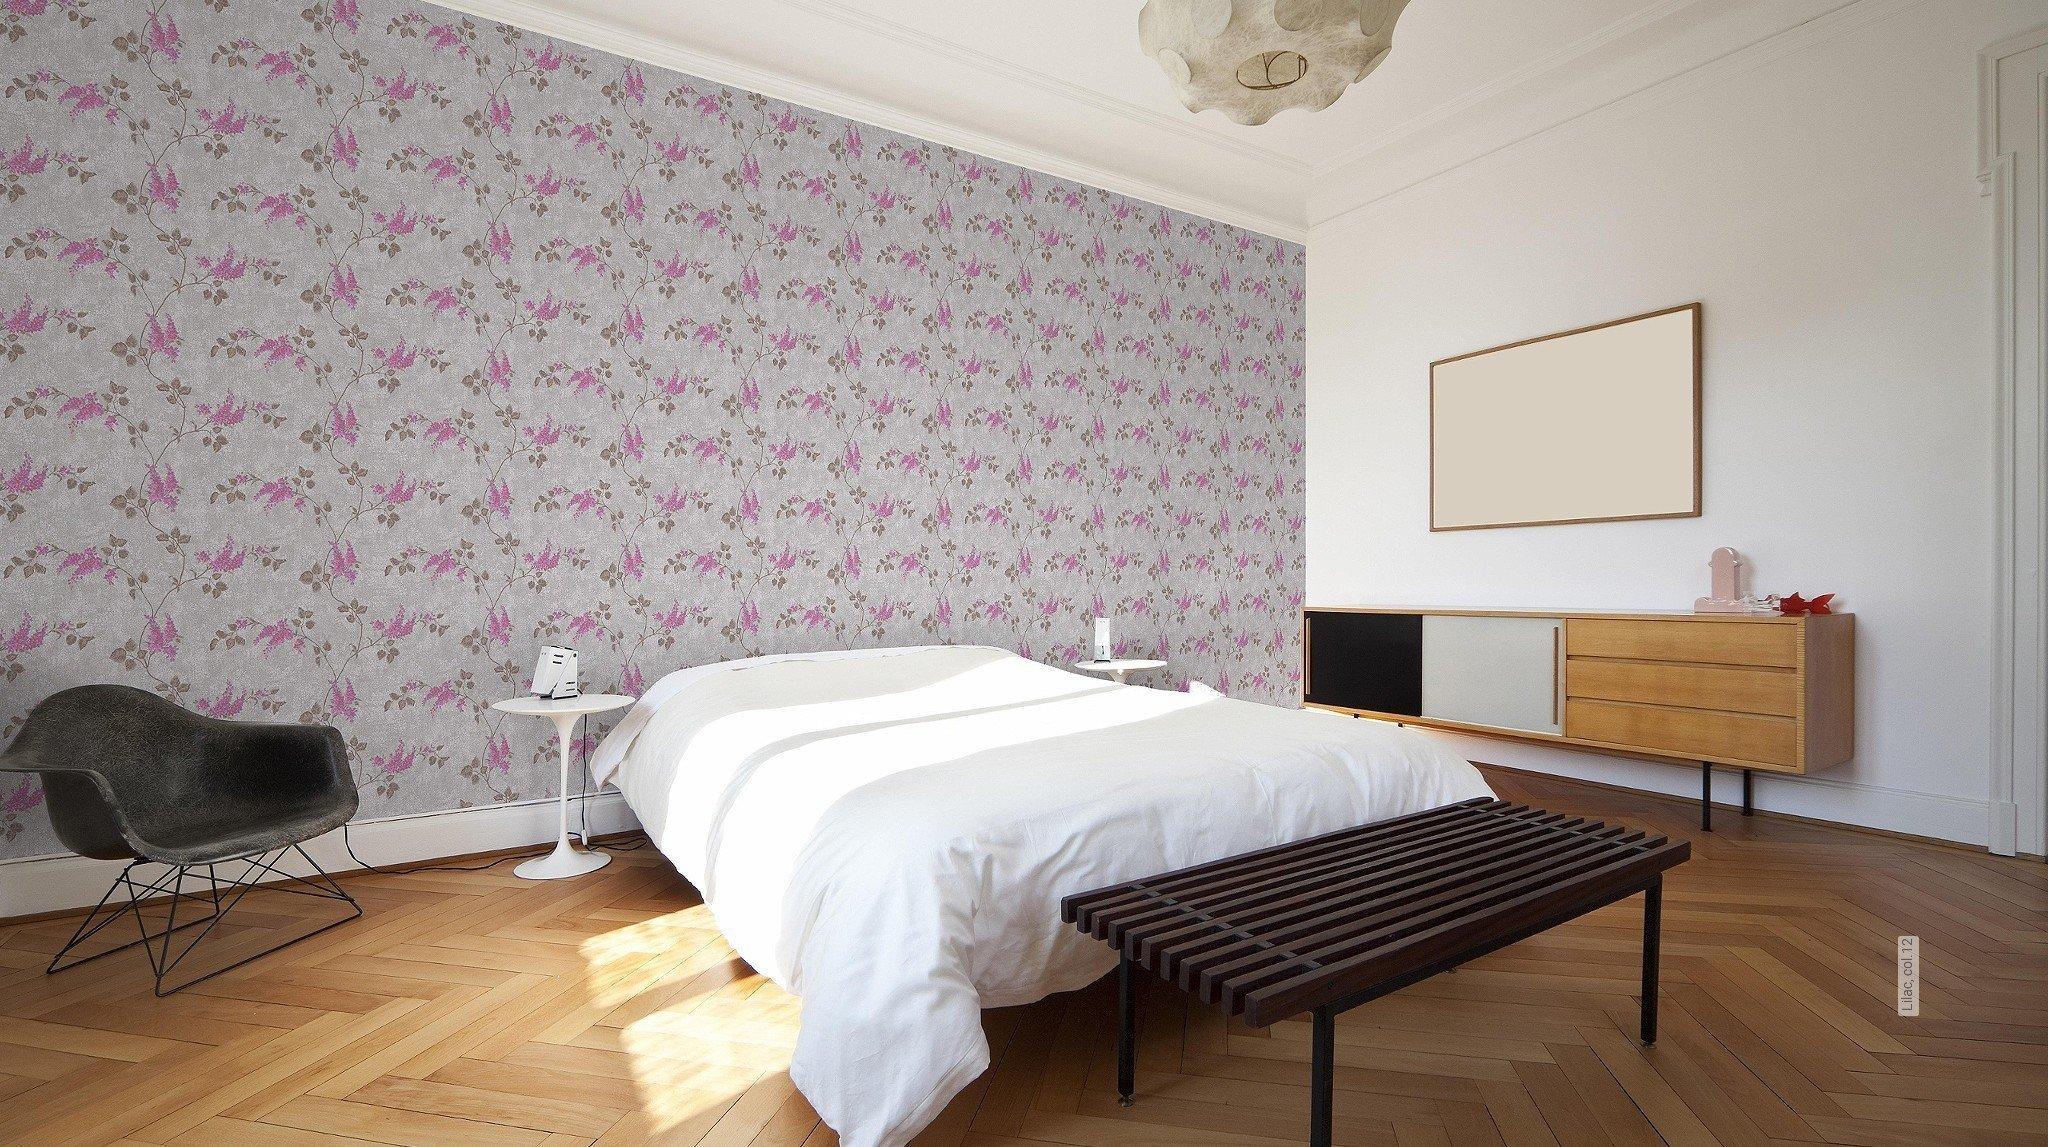 cole son tapeten mit dem besonderen die. Black Bedroom Furniture Sets. Home Design Ideas